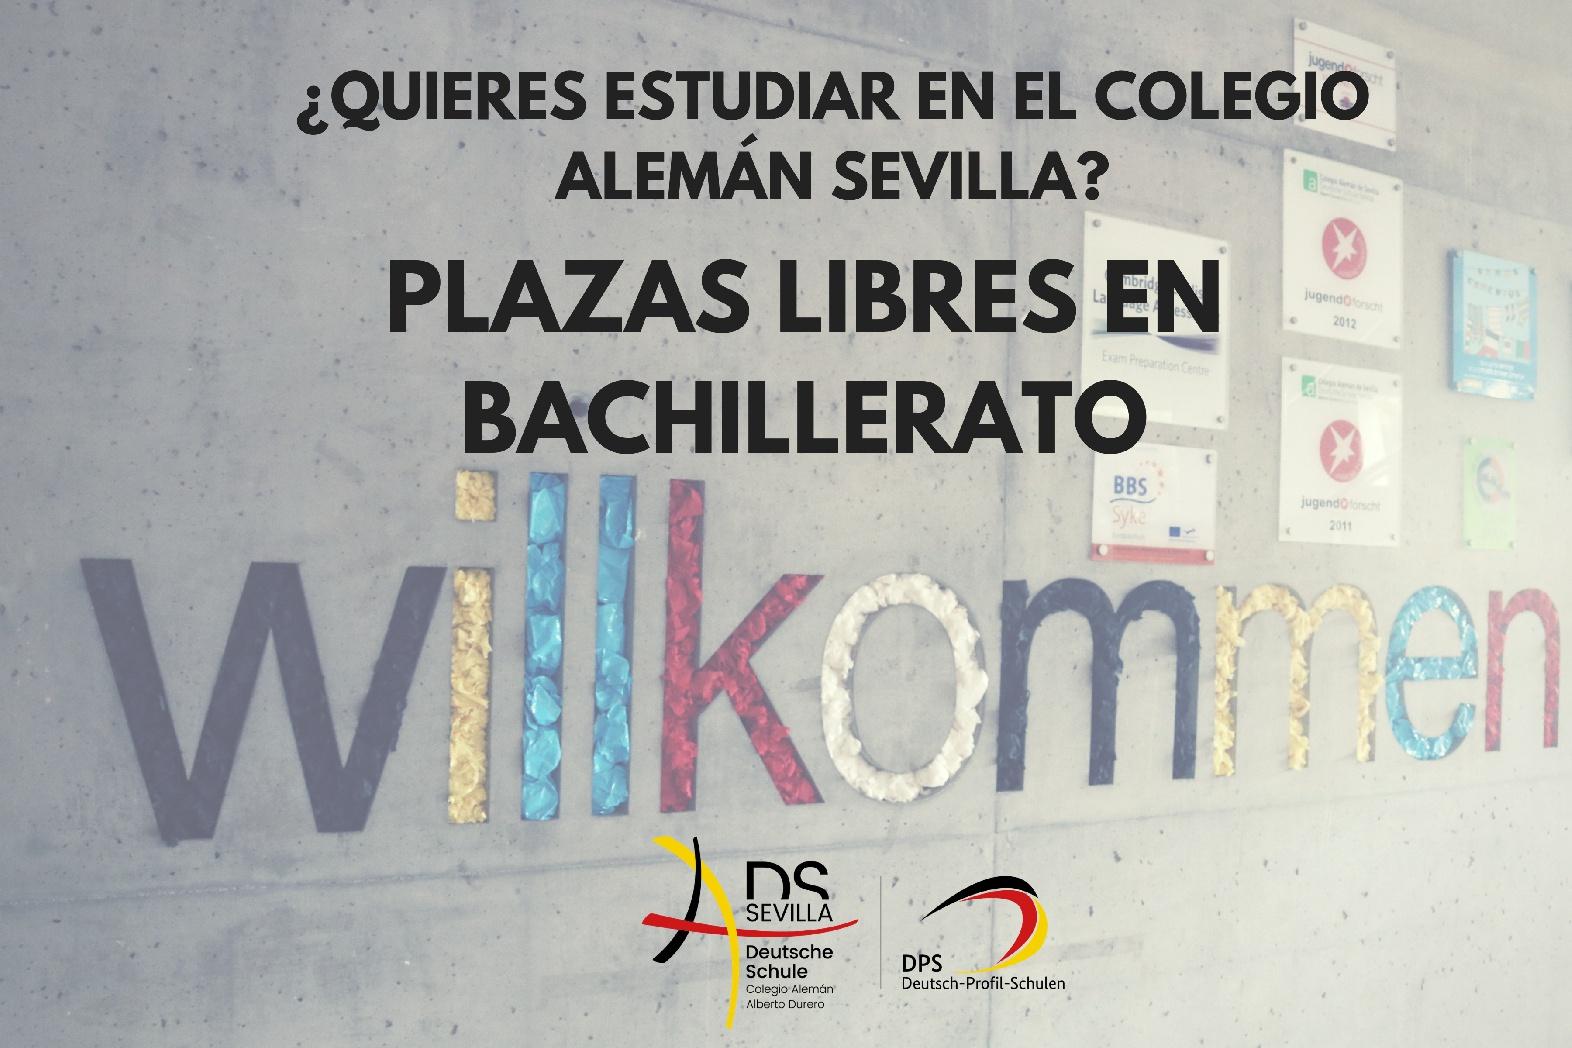 PLAZAS LIBRES EN BACHILLERATO